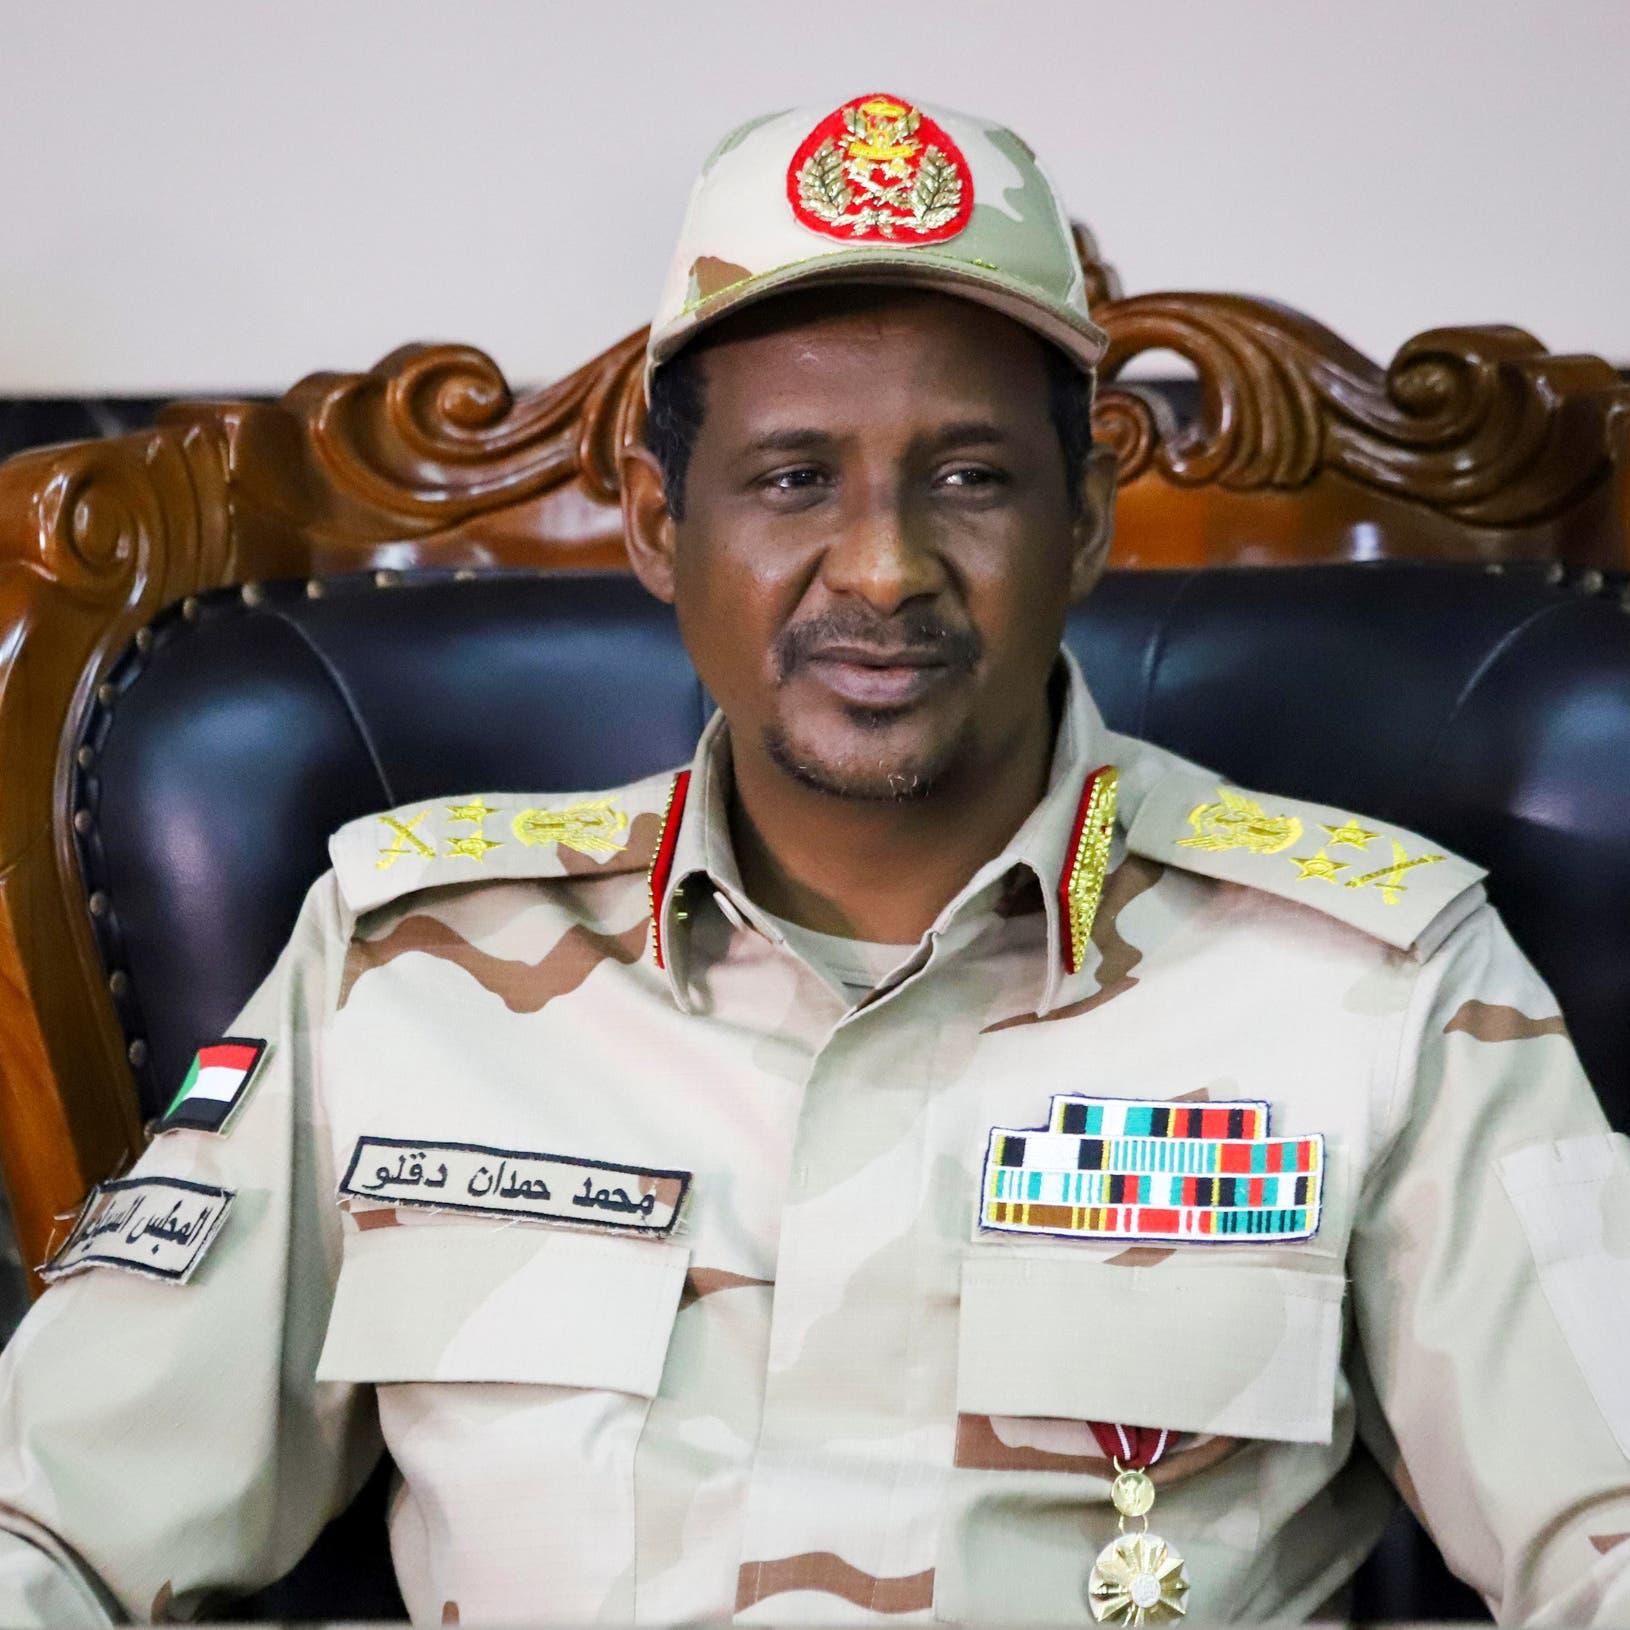 مجلس السيادة السوداني: مناقشة تسليم السلطة للمدنيين سابق لأوانه